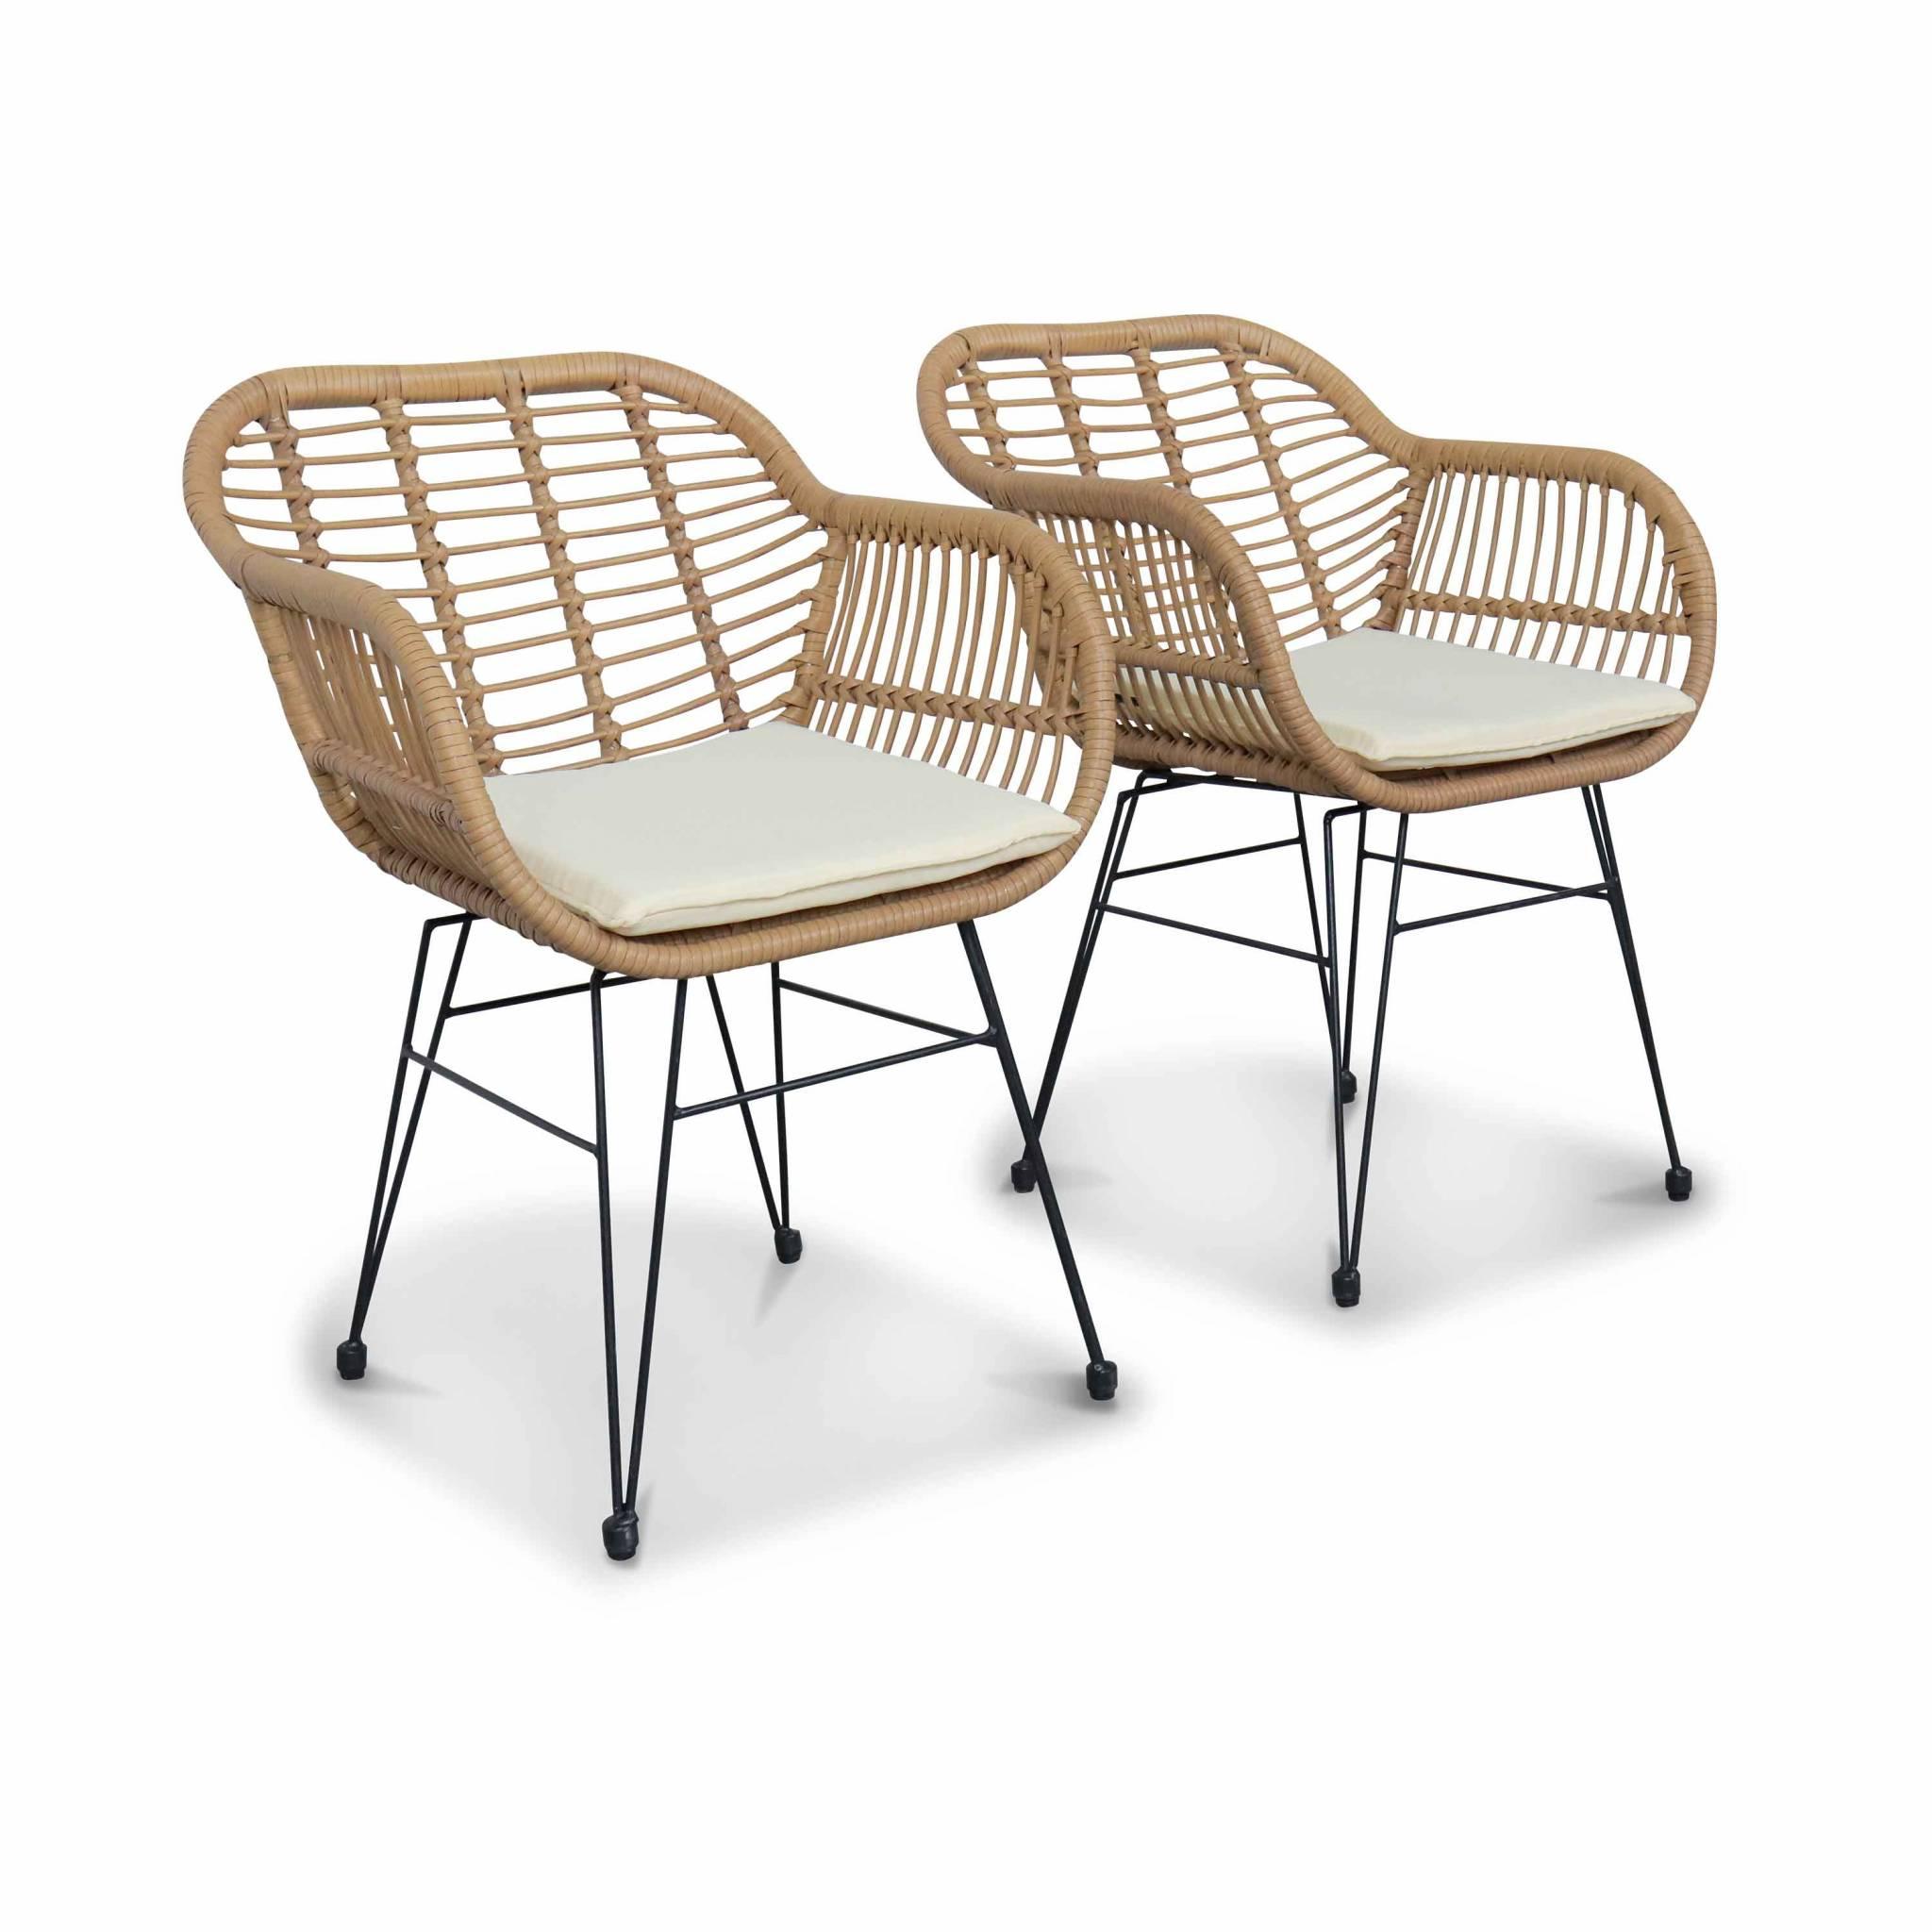 2 fauteuils effet bambou en résine beige et métal noir